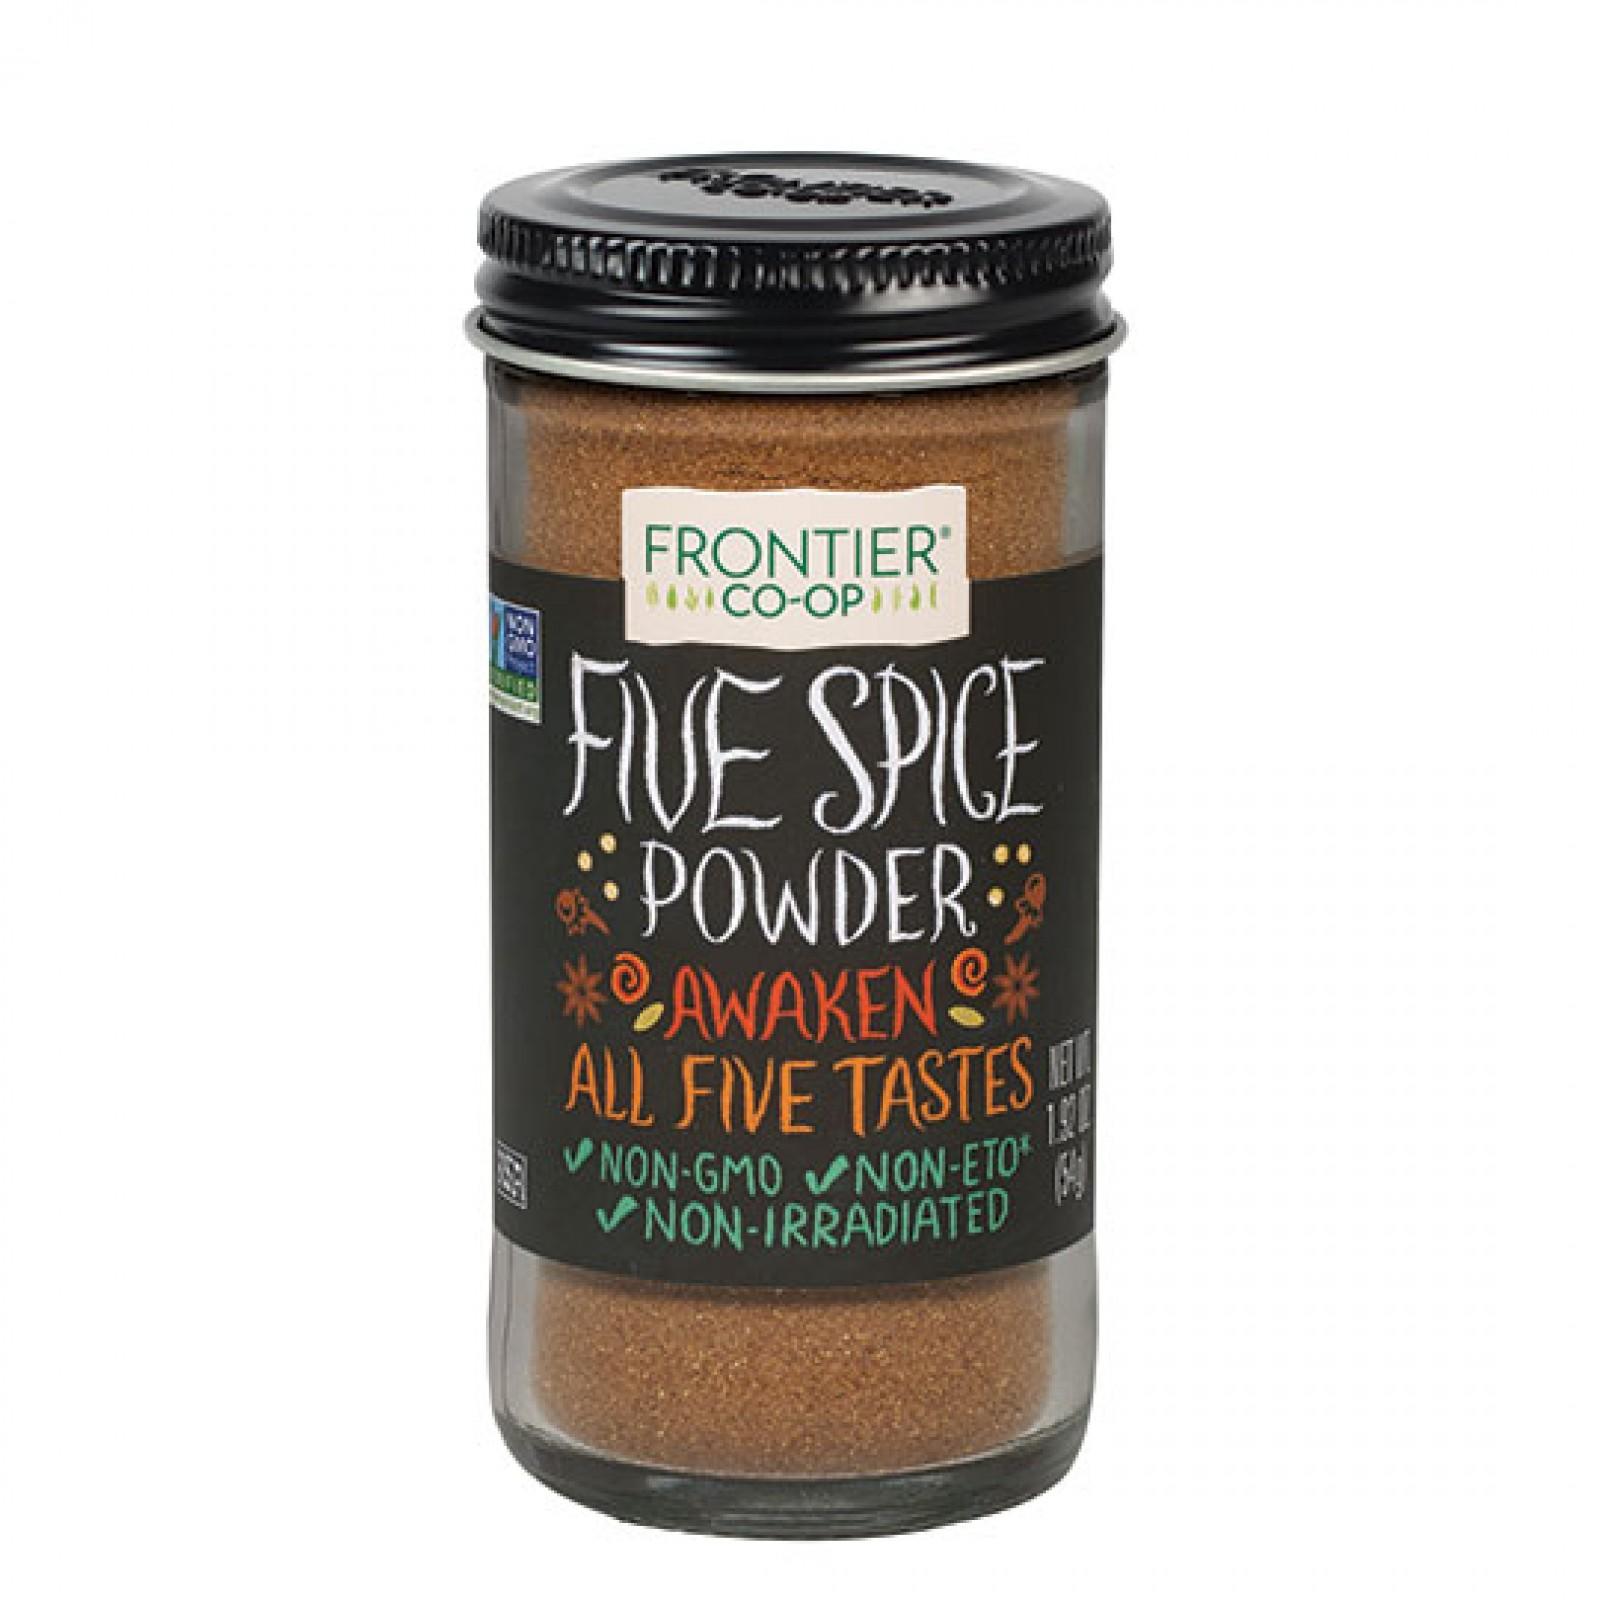 Frontier Herb Five Spice Powder (1x192 Oz)